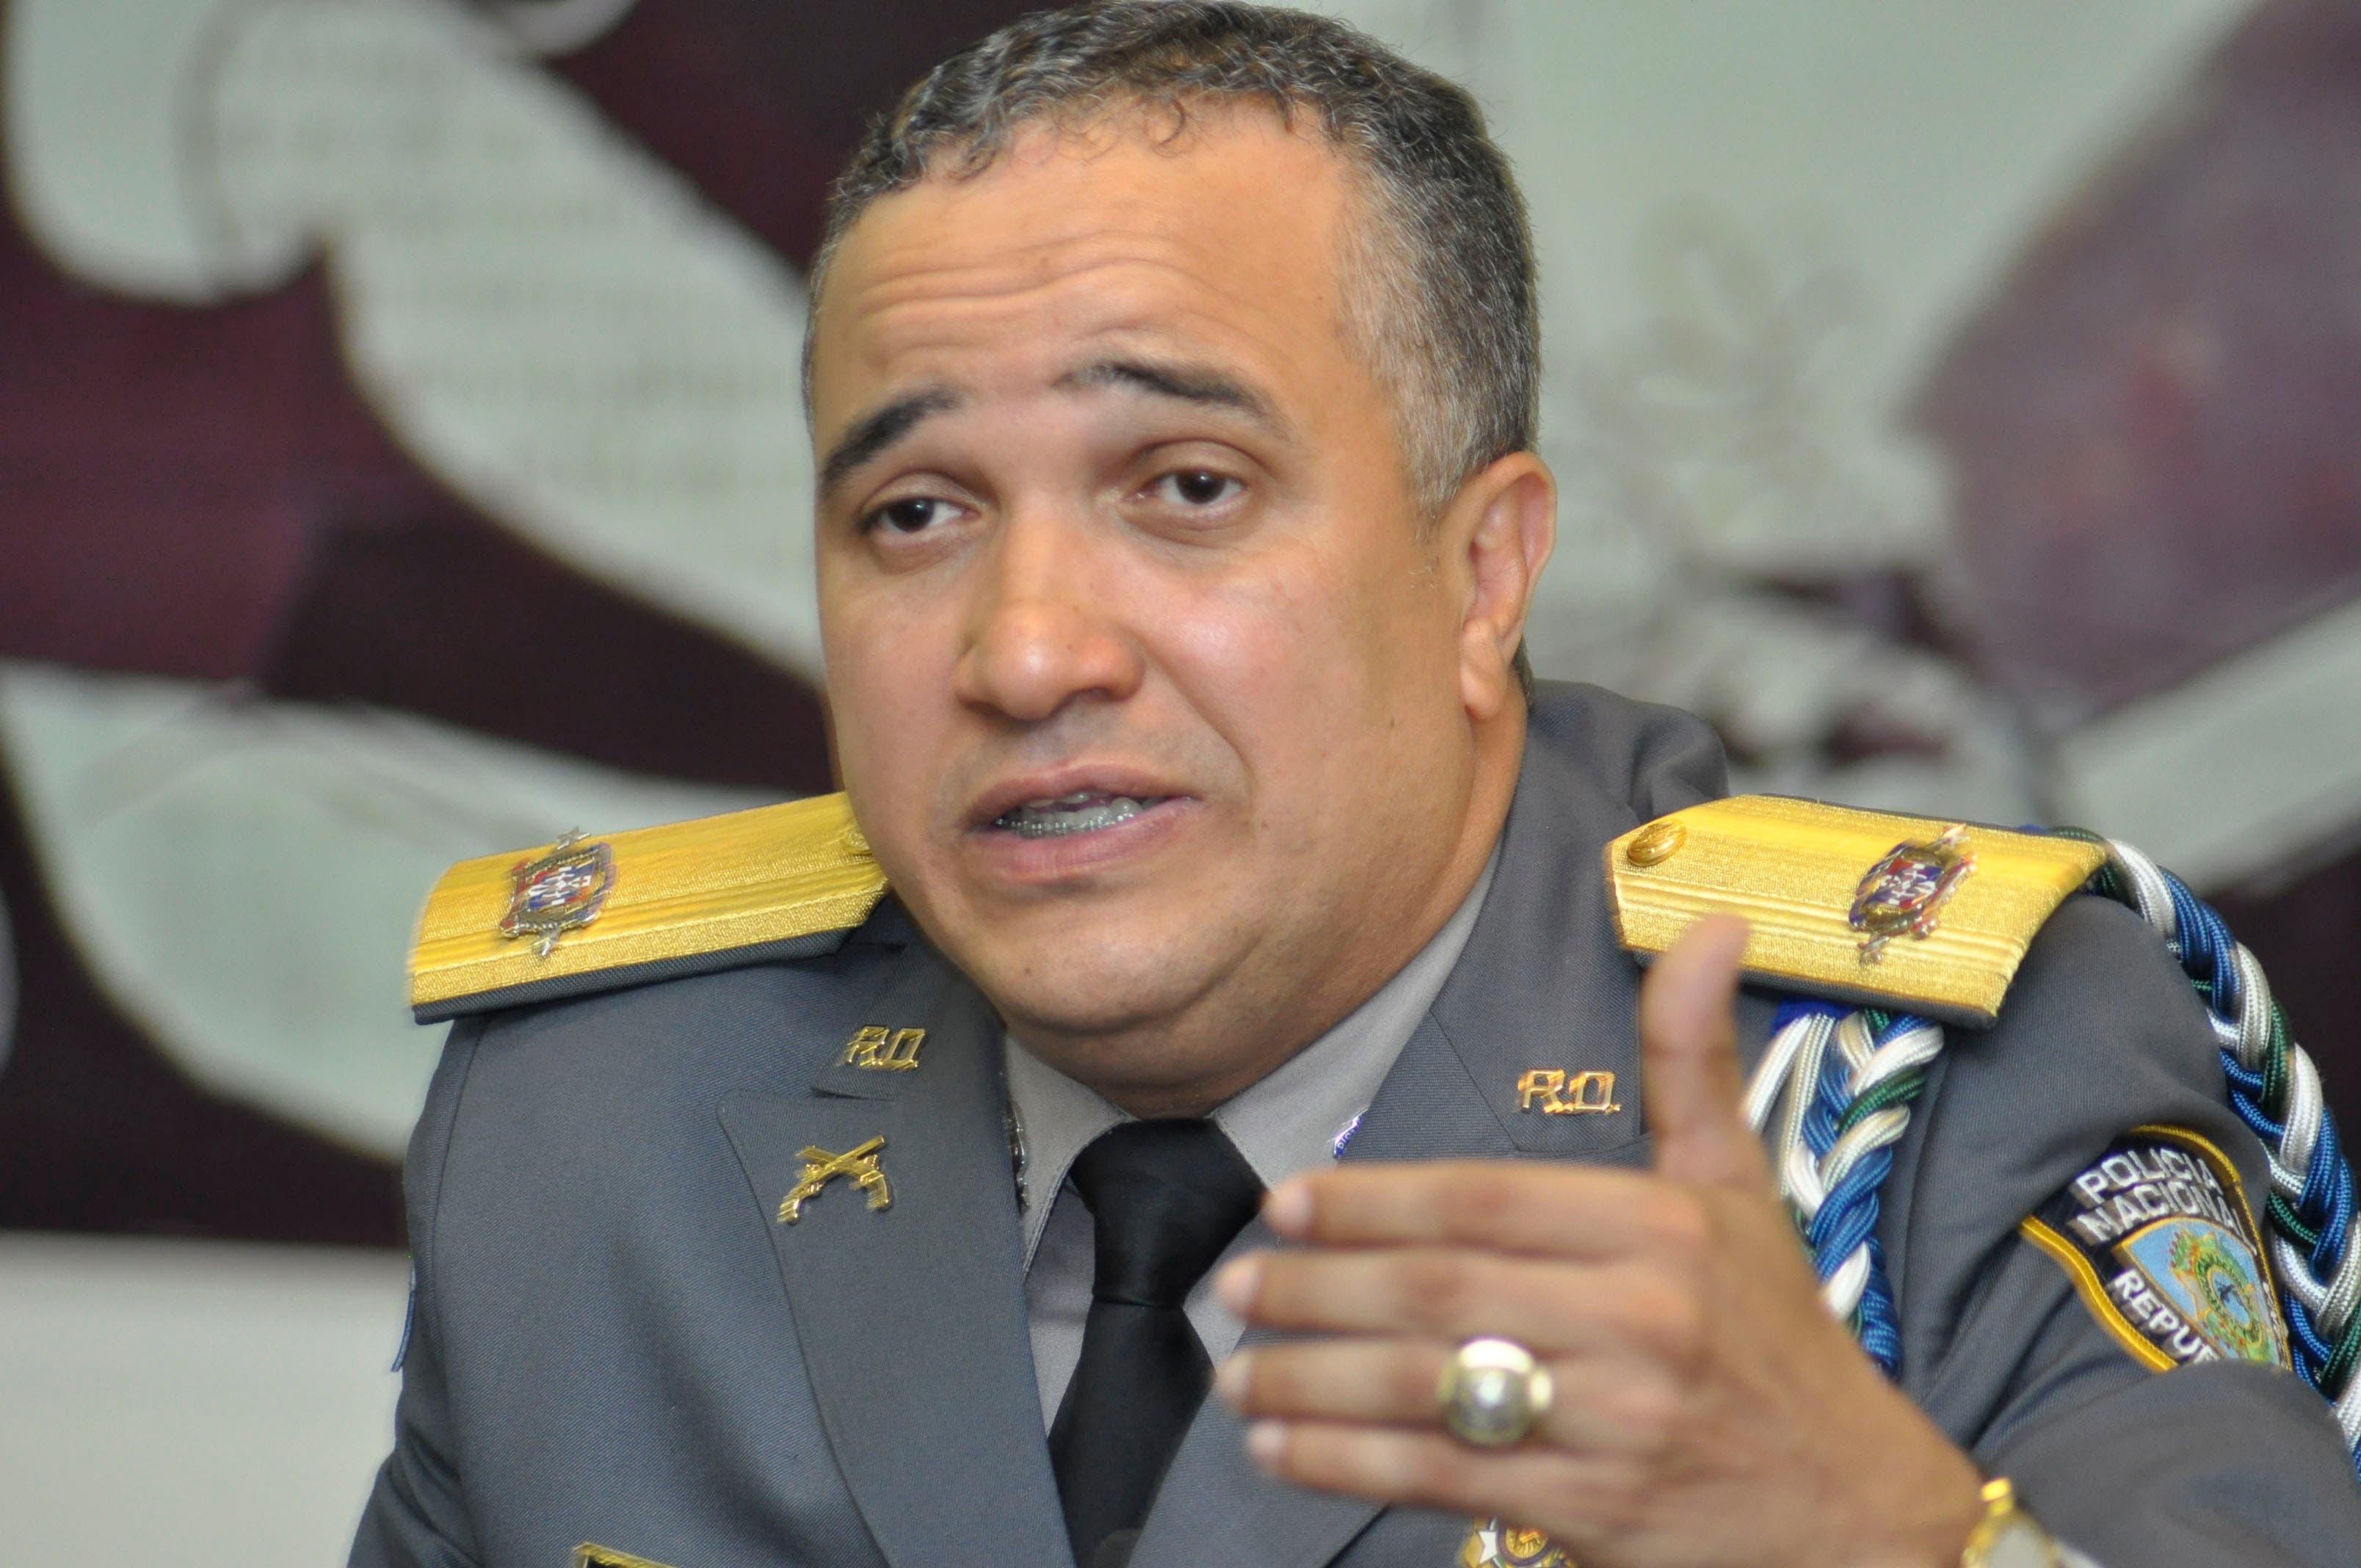 Video: «Dígale a Dios que a César Emilio Peralta lo vamos atrapar nosotros», afirma director de Policía Nacional